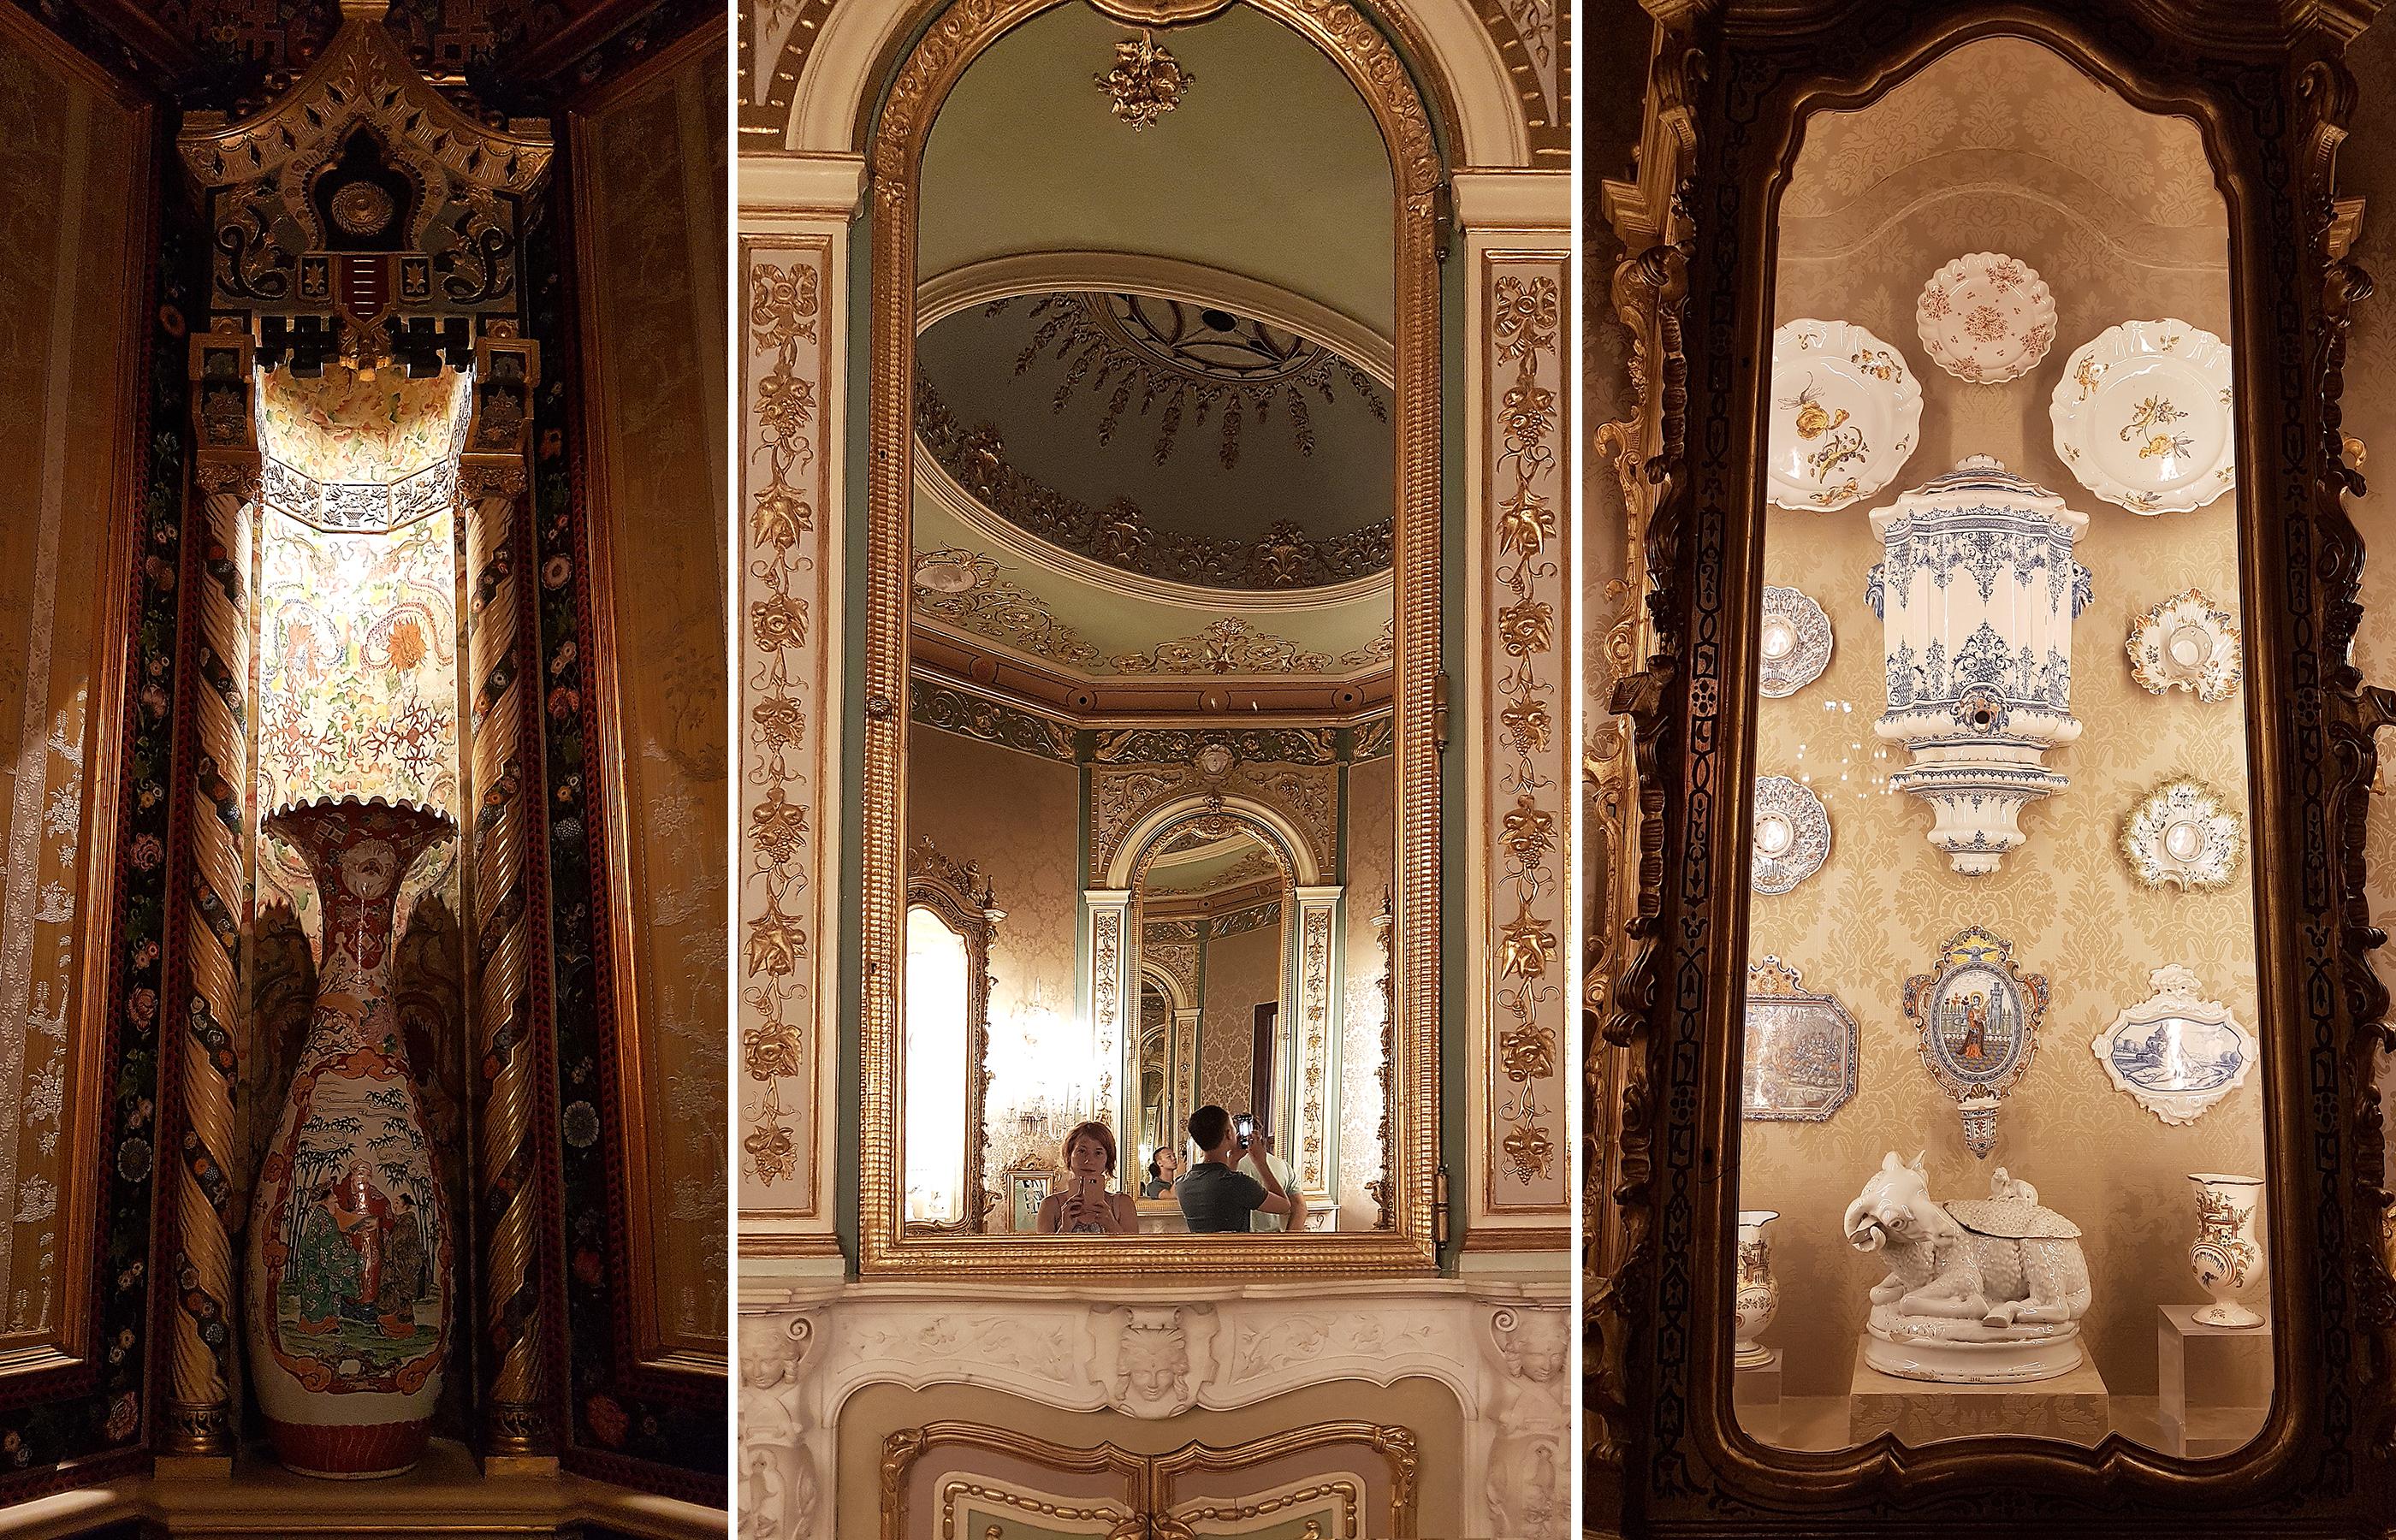 Нижний и первый этажи музея представляют собой дворцовую обстановку типичной знатной семьи ХIХ века